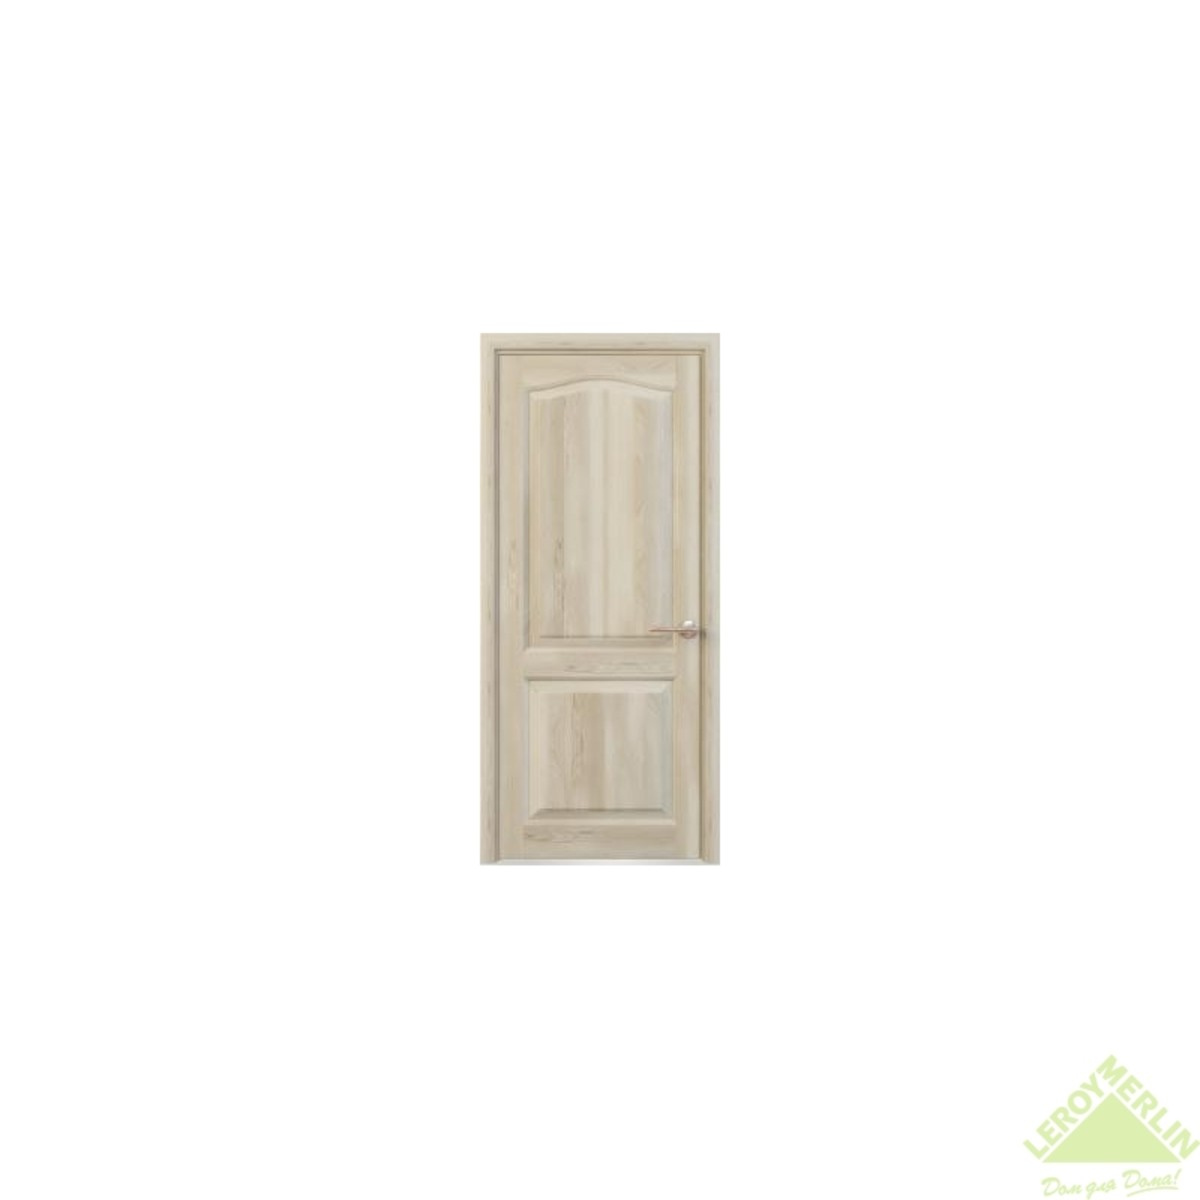 Полотно дверное глухое ЭКО 4221 80x200 см ламинация цвет сосна